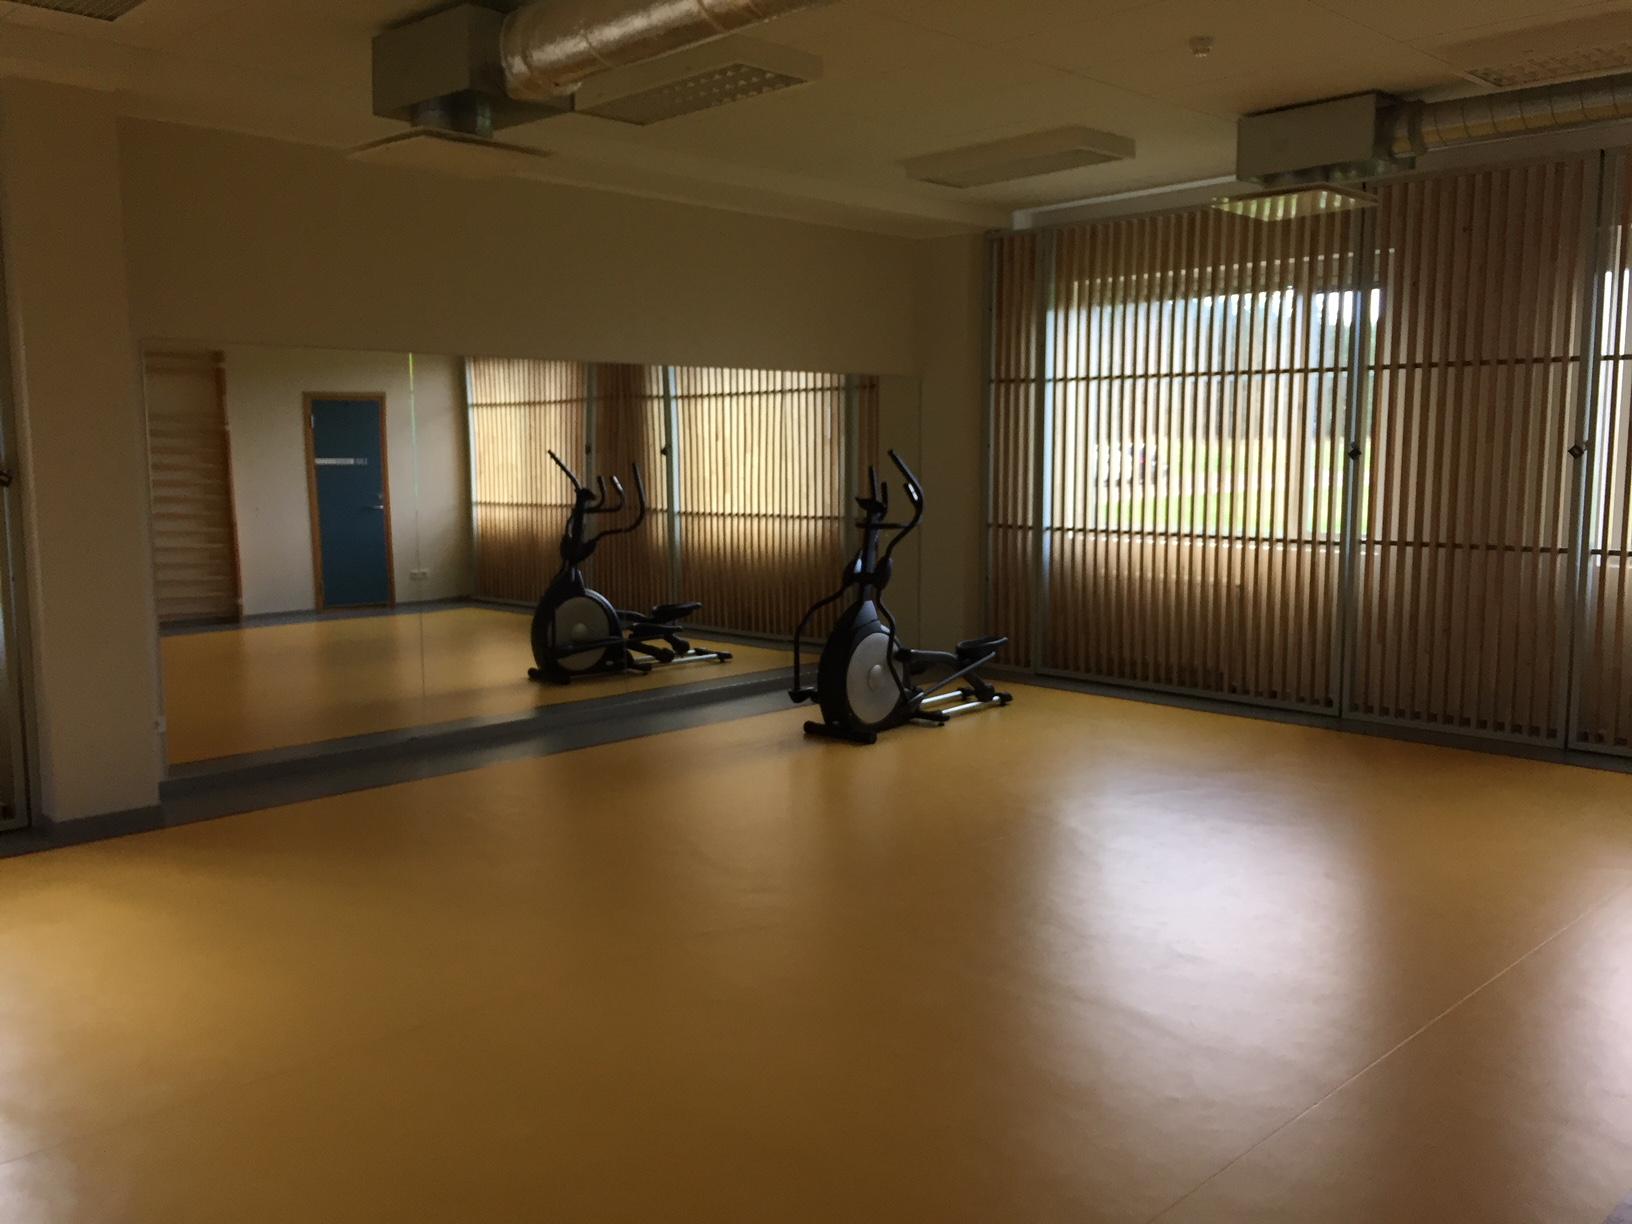 Estonia 7 - gym.jpg